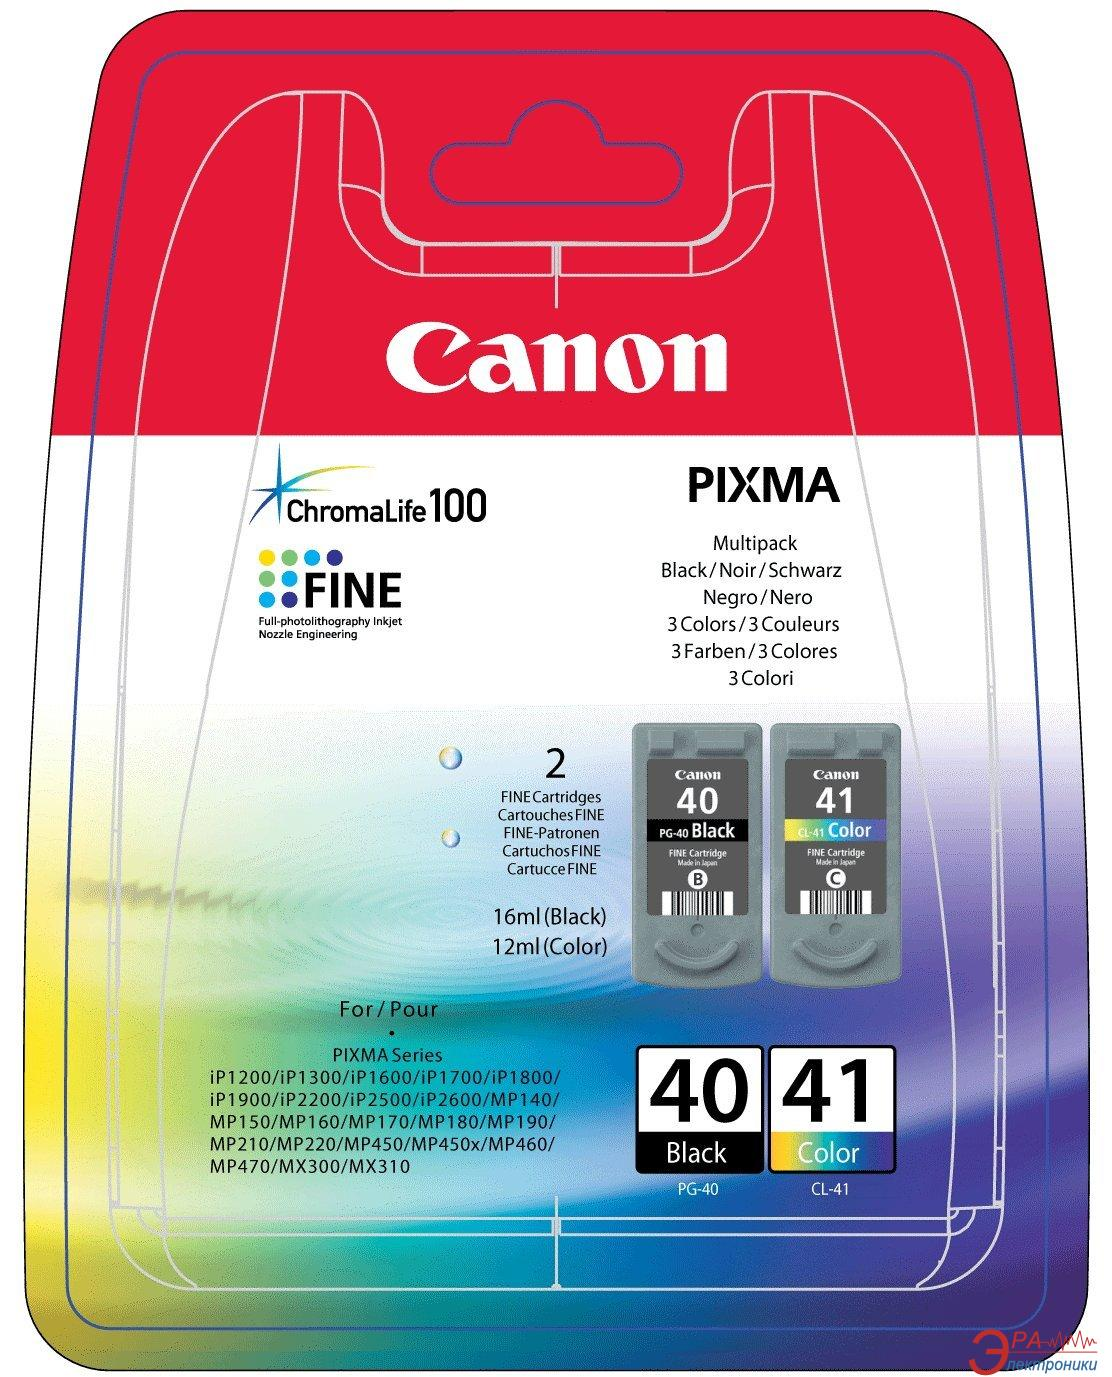 Картридж Canon PG-40Bk/CL-41 (0615B043) (iP1200, iP1600, iP2200, JX200, JX500, MP150, MP170, MP450, iP1300, iP1700, MP160, MP180, MP460, MP470, MP220, MP210, iP2500, iP1800, iP2600, iP1900, MX310, MX300, JX210P, JX510P) Bundle (C, M, Y, Bk)